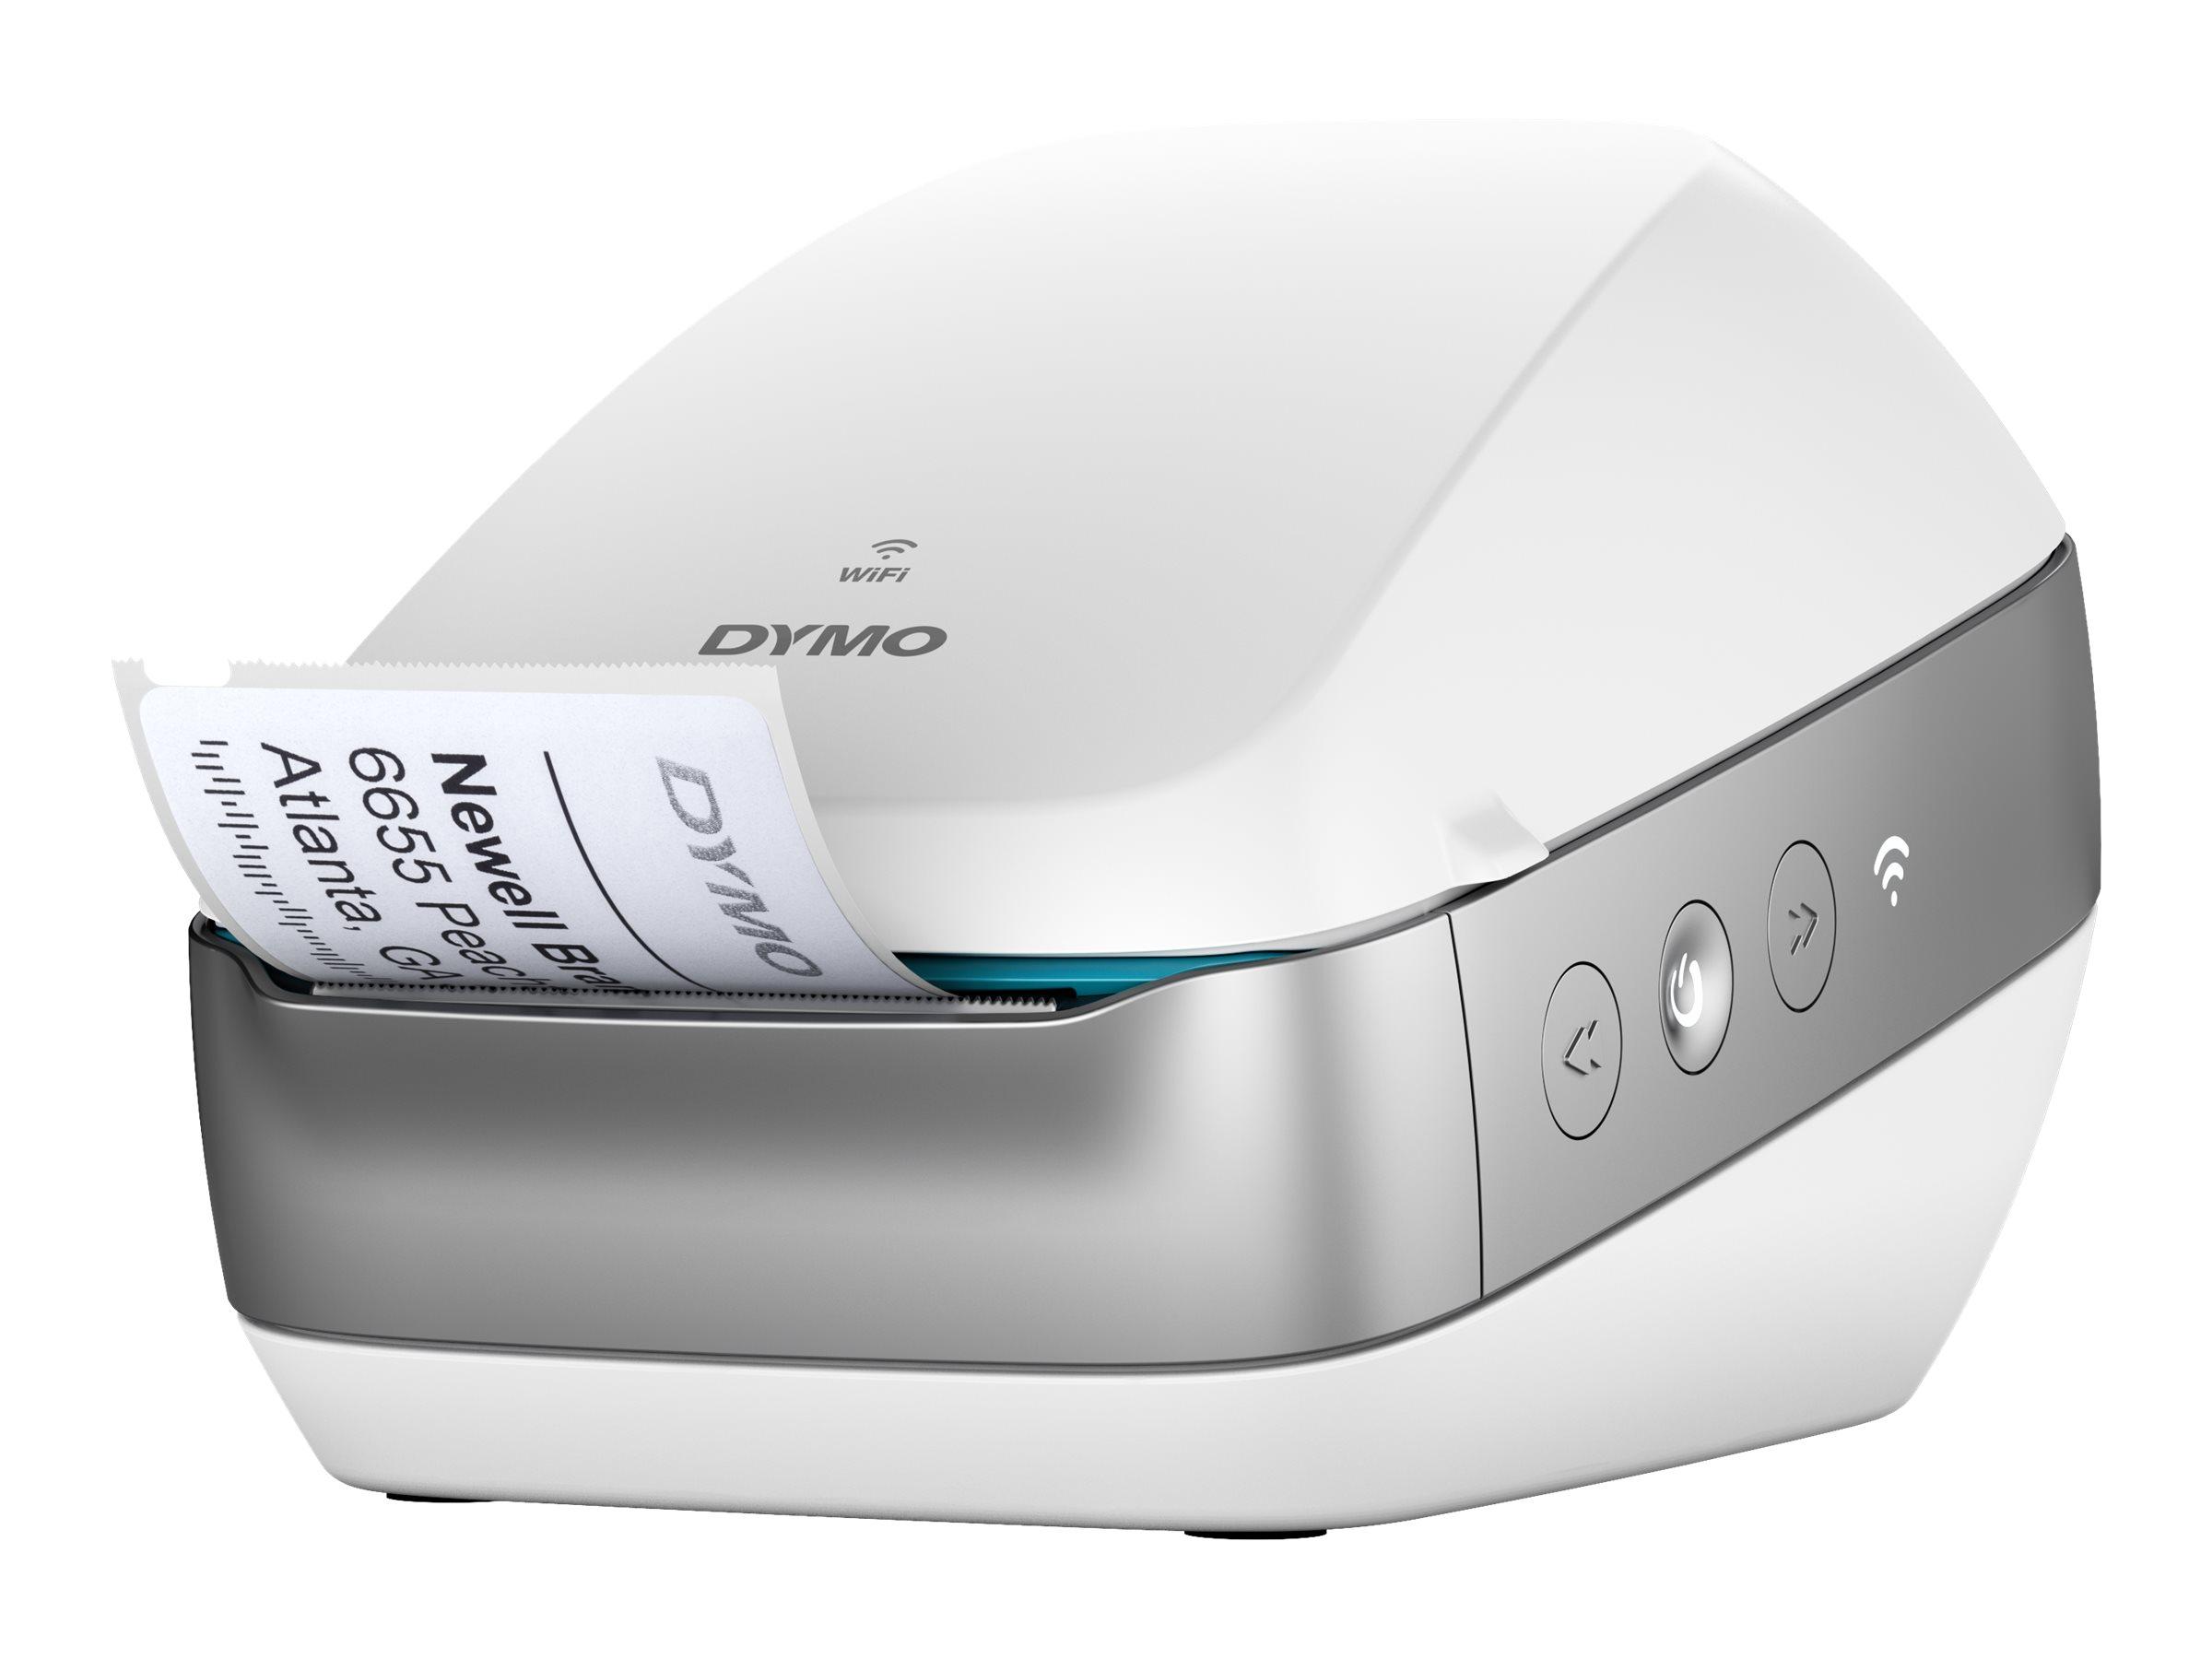 Dymo LabelWriter Wireless  -  Étiqueteuse  - imprimante d'étiquettes wifi monochrome  - impression thermique directe -  blanche